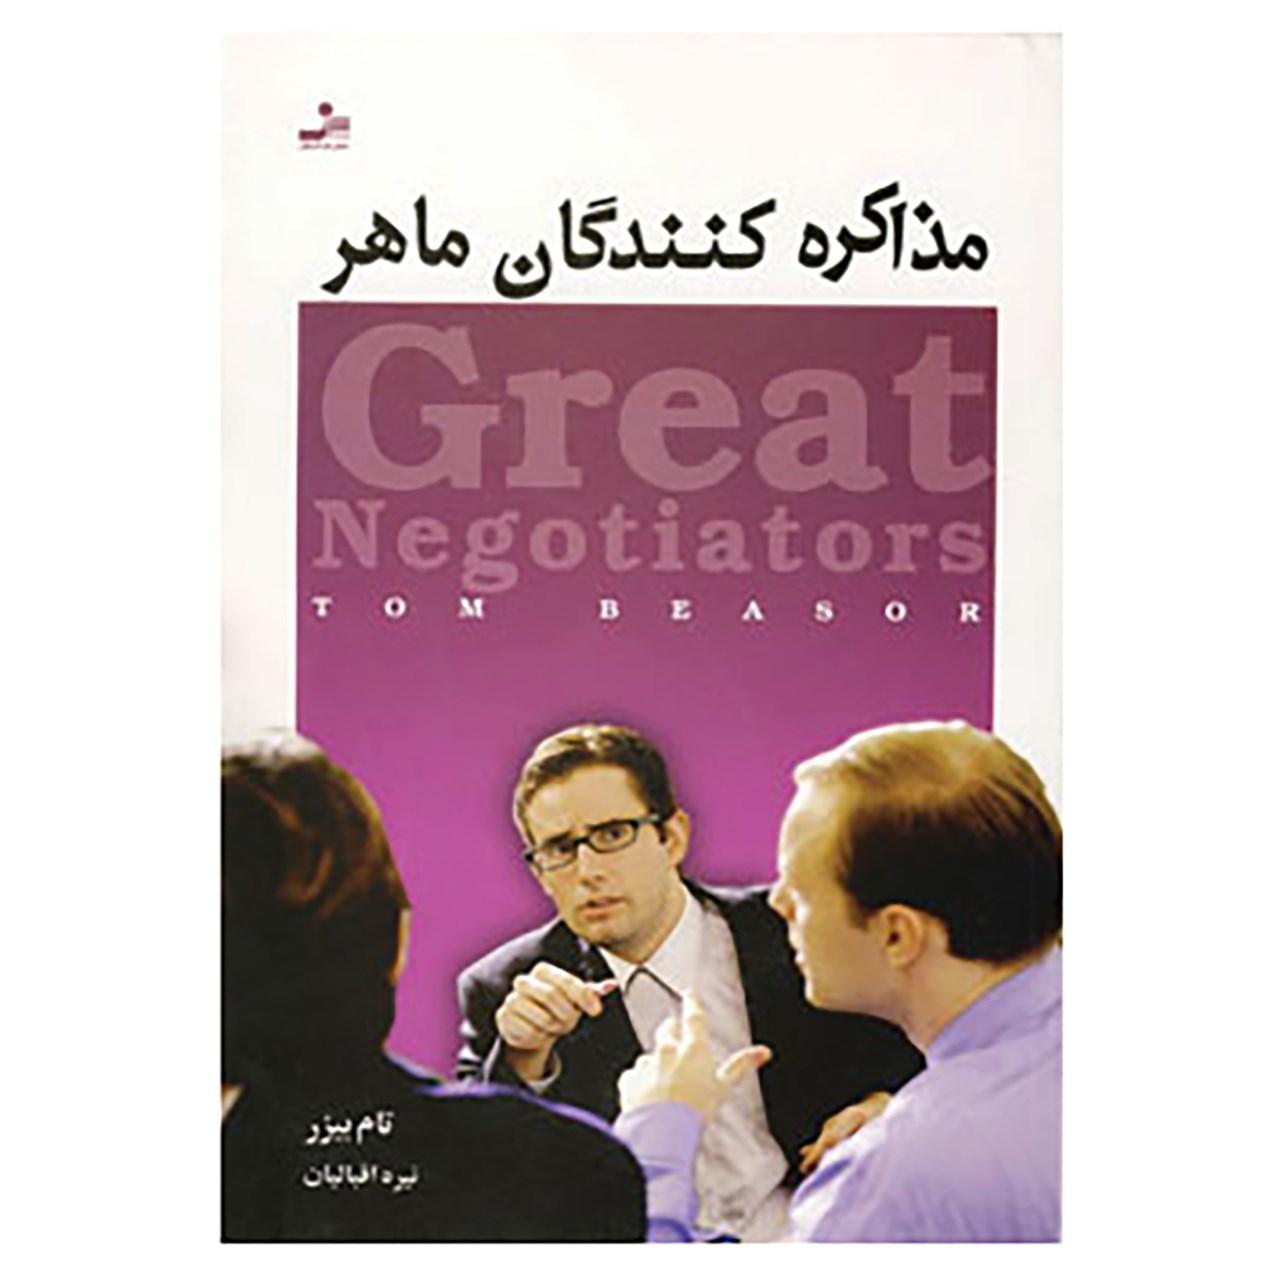 کتاب مذاکره کنندگان ماهر اثر تام بیزر